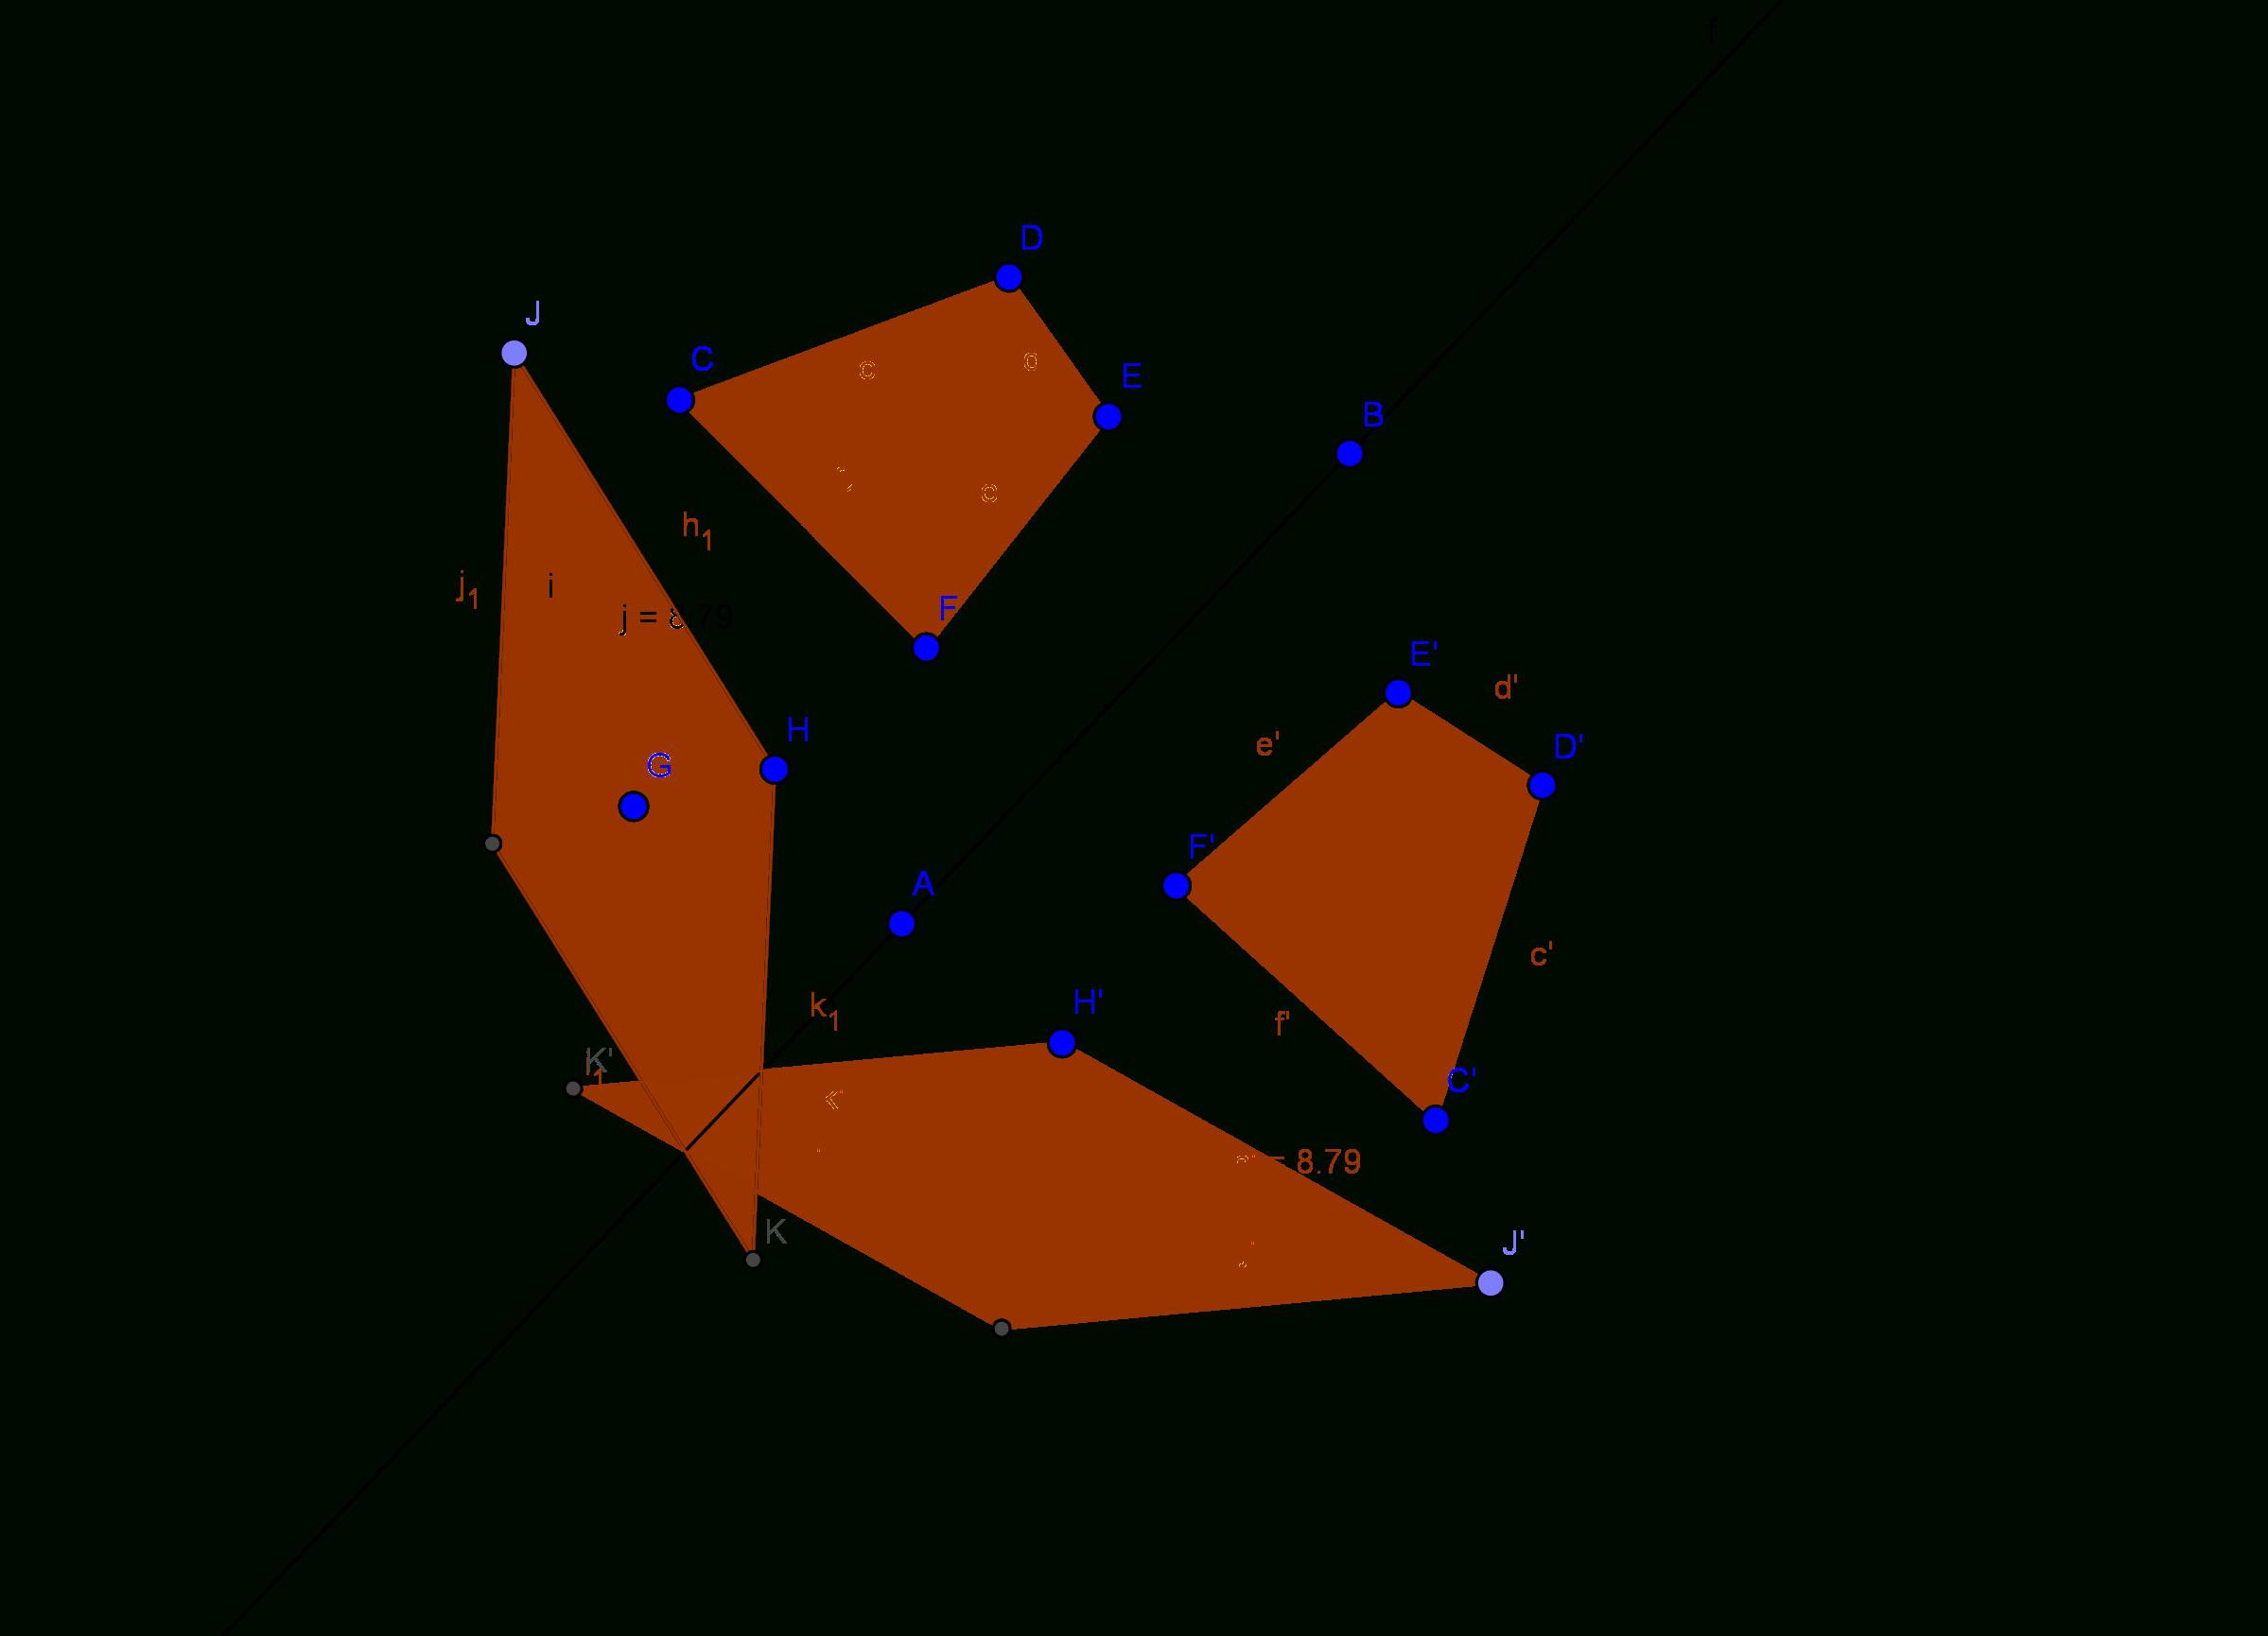 La Symétrie Axiale | Blog Charcot avec Symétrie Axial